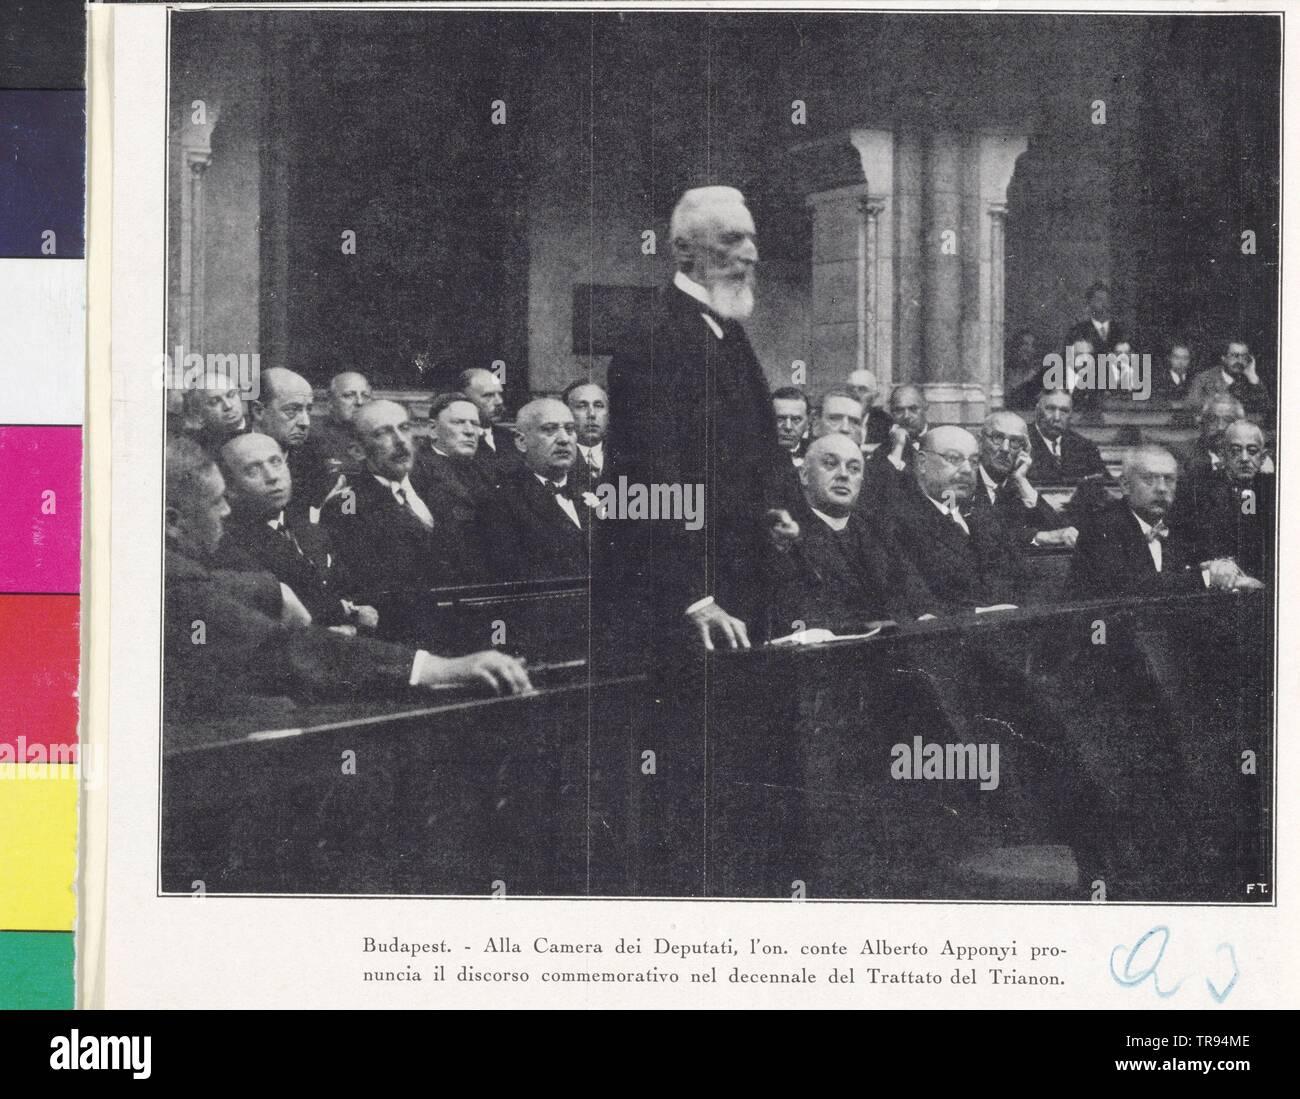 Apponyi-Nagy-Appony, Albert contare, a mezza lunghezza e piedi, quasi giusto profilo. in gruppo con rappresentante ungherese in una sessione, Additional-Rights-Clearance-Info-Not-Available Immagini Stock